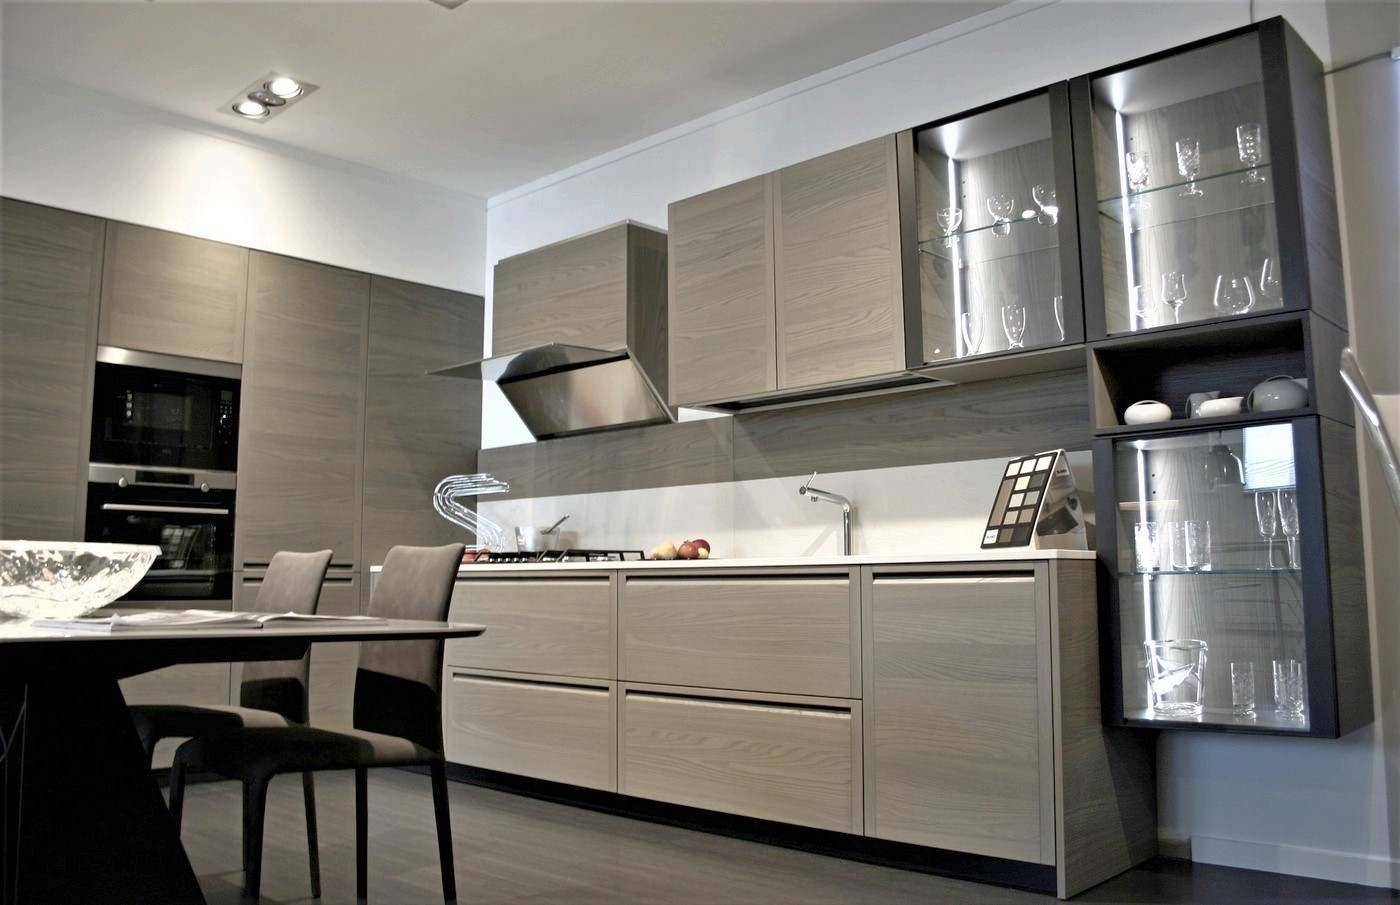 cucina Memo Mesons in offerta a prezzo d'occasione da esposizione Bergamo.